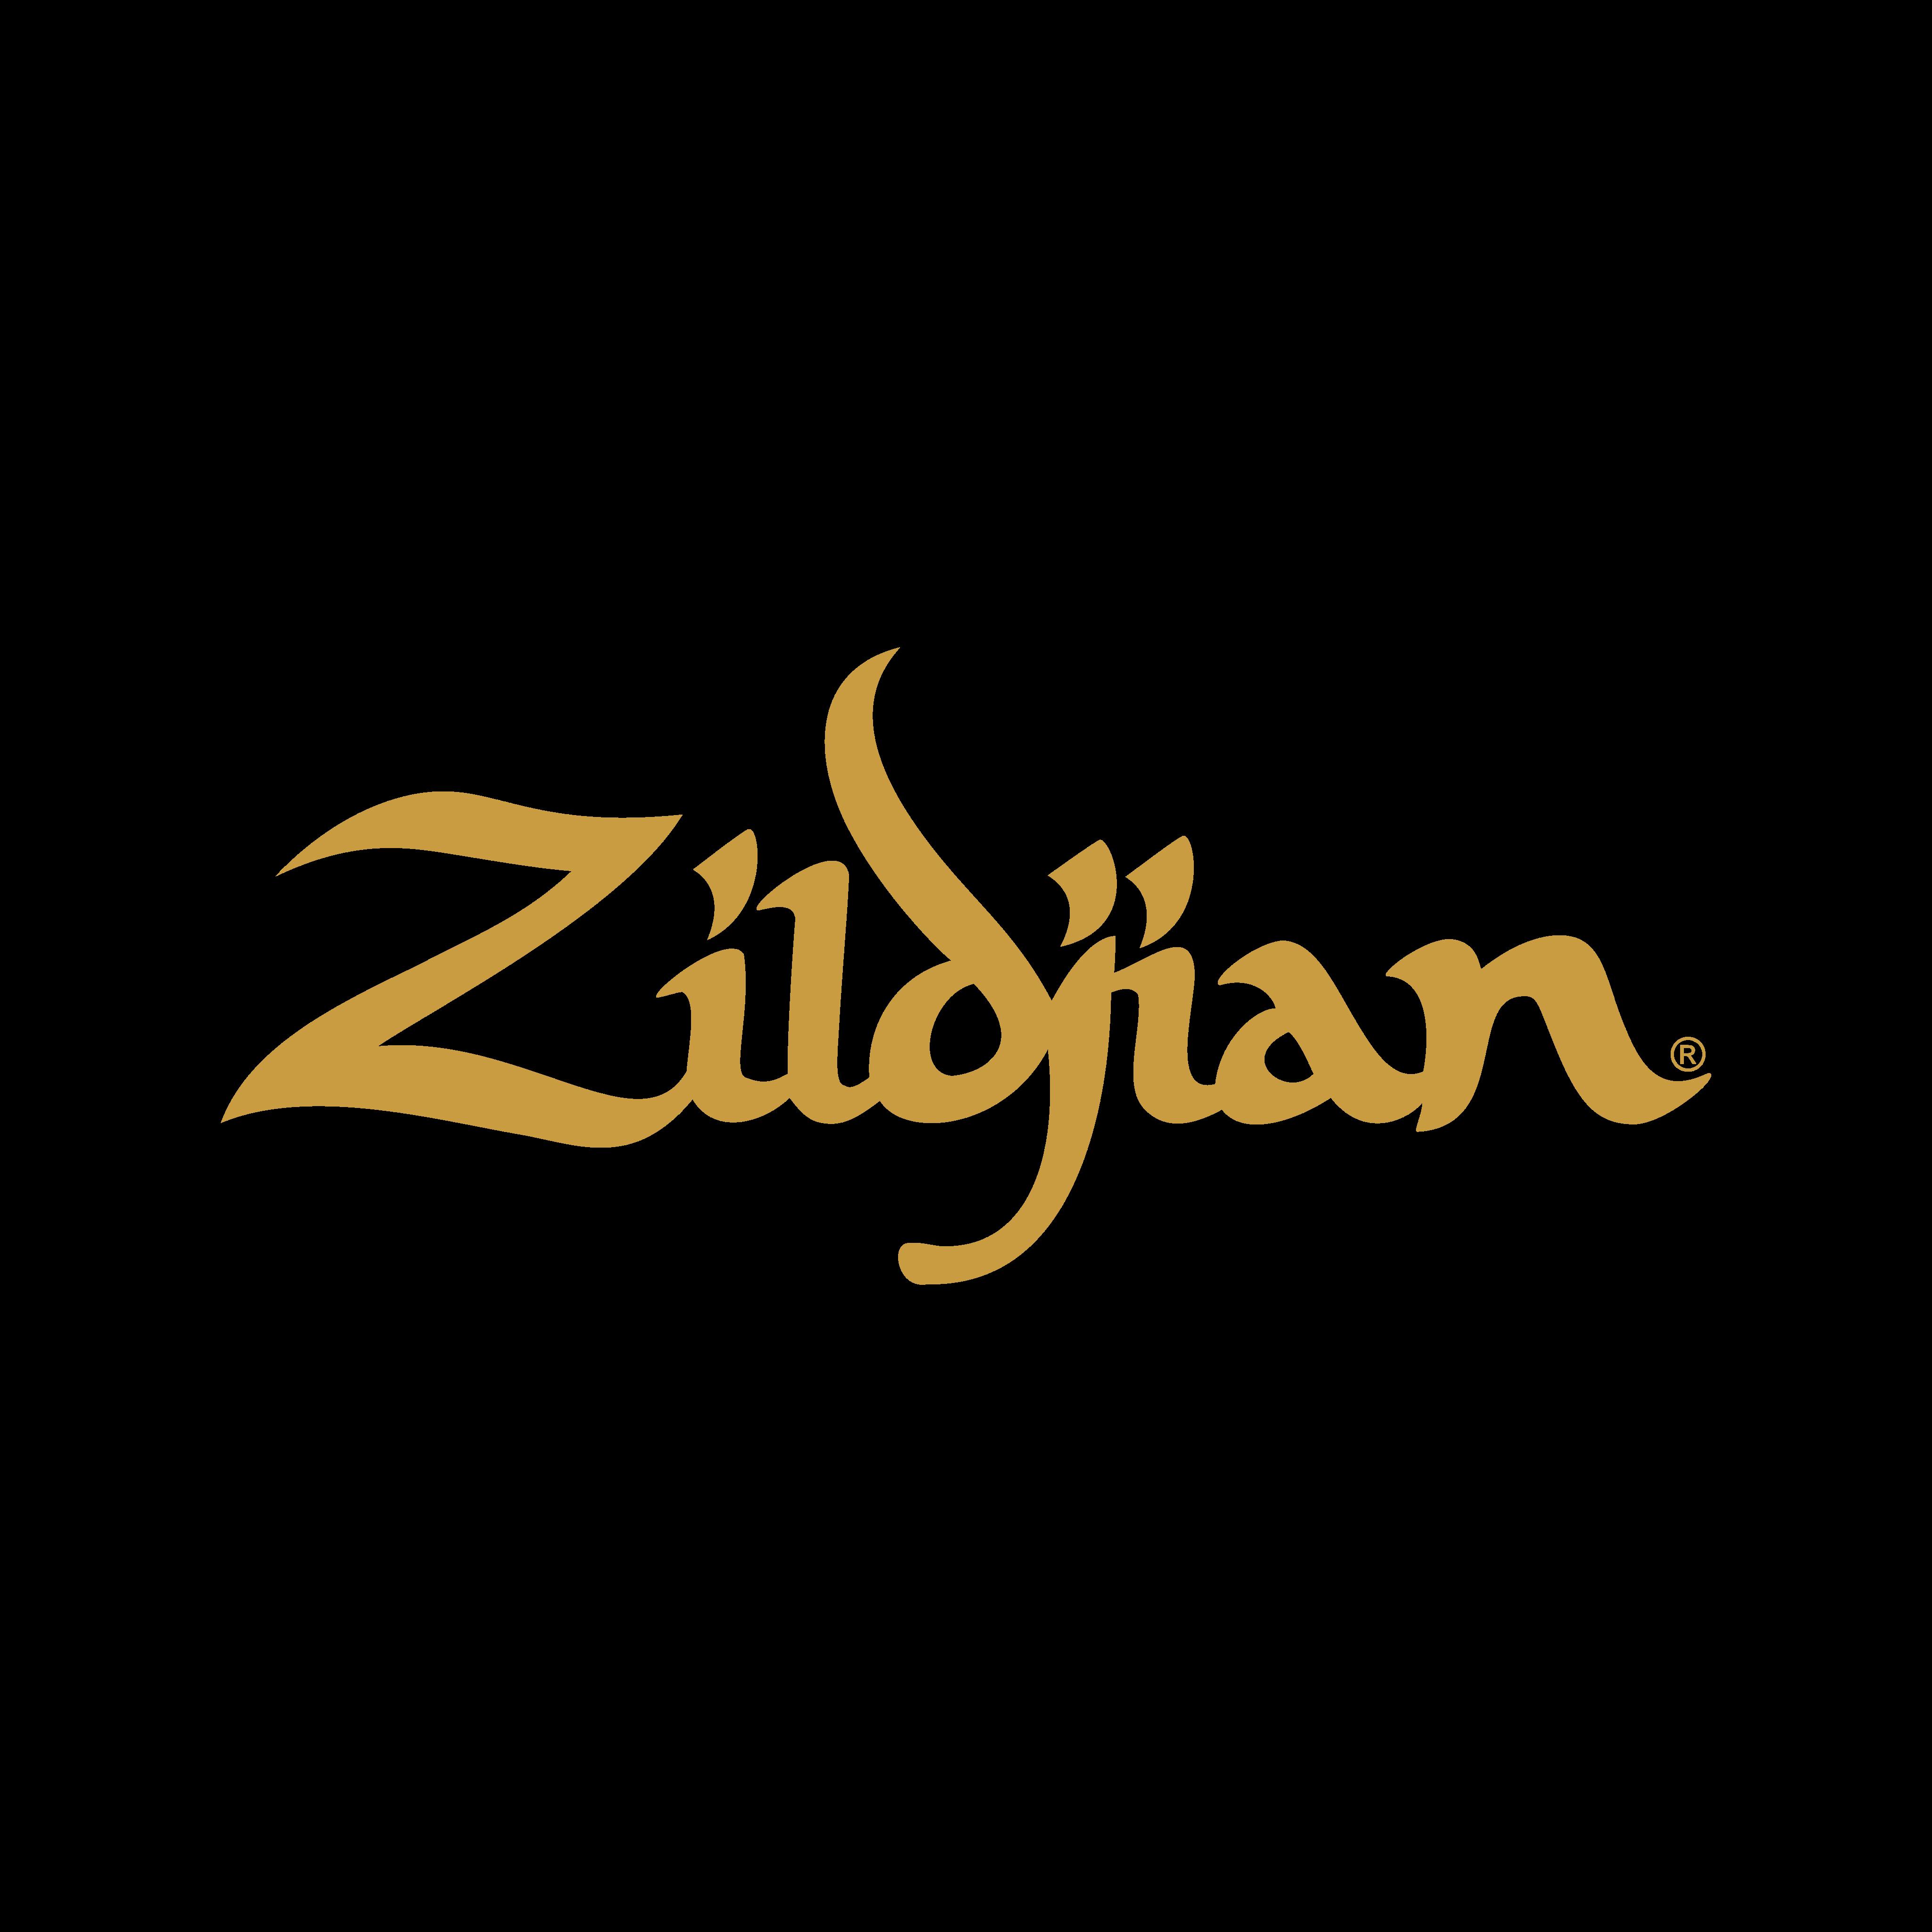 zildjian logo 0 - Zildjian Logo